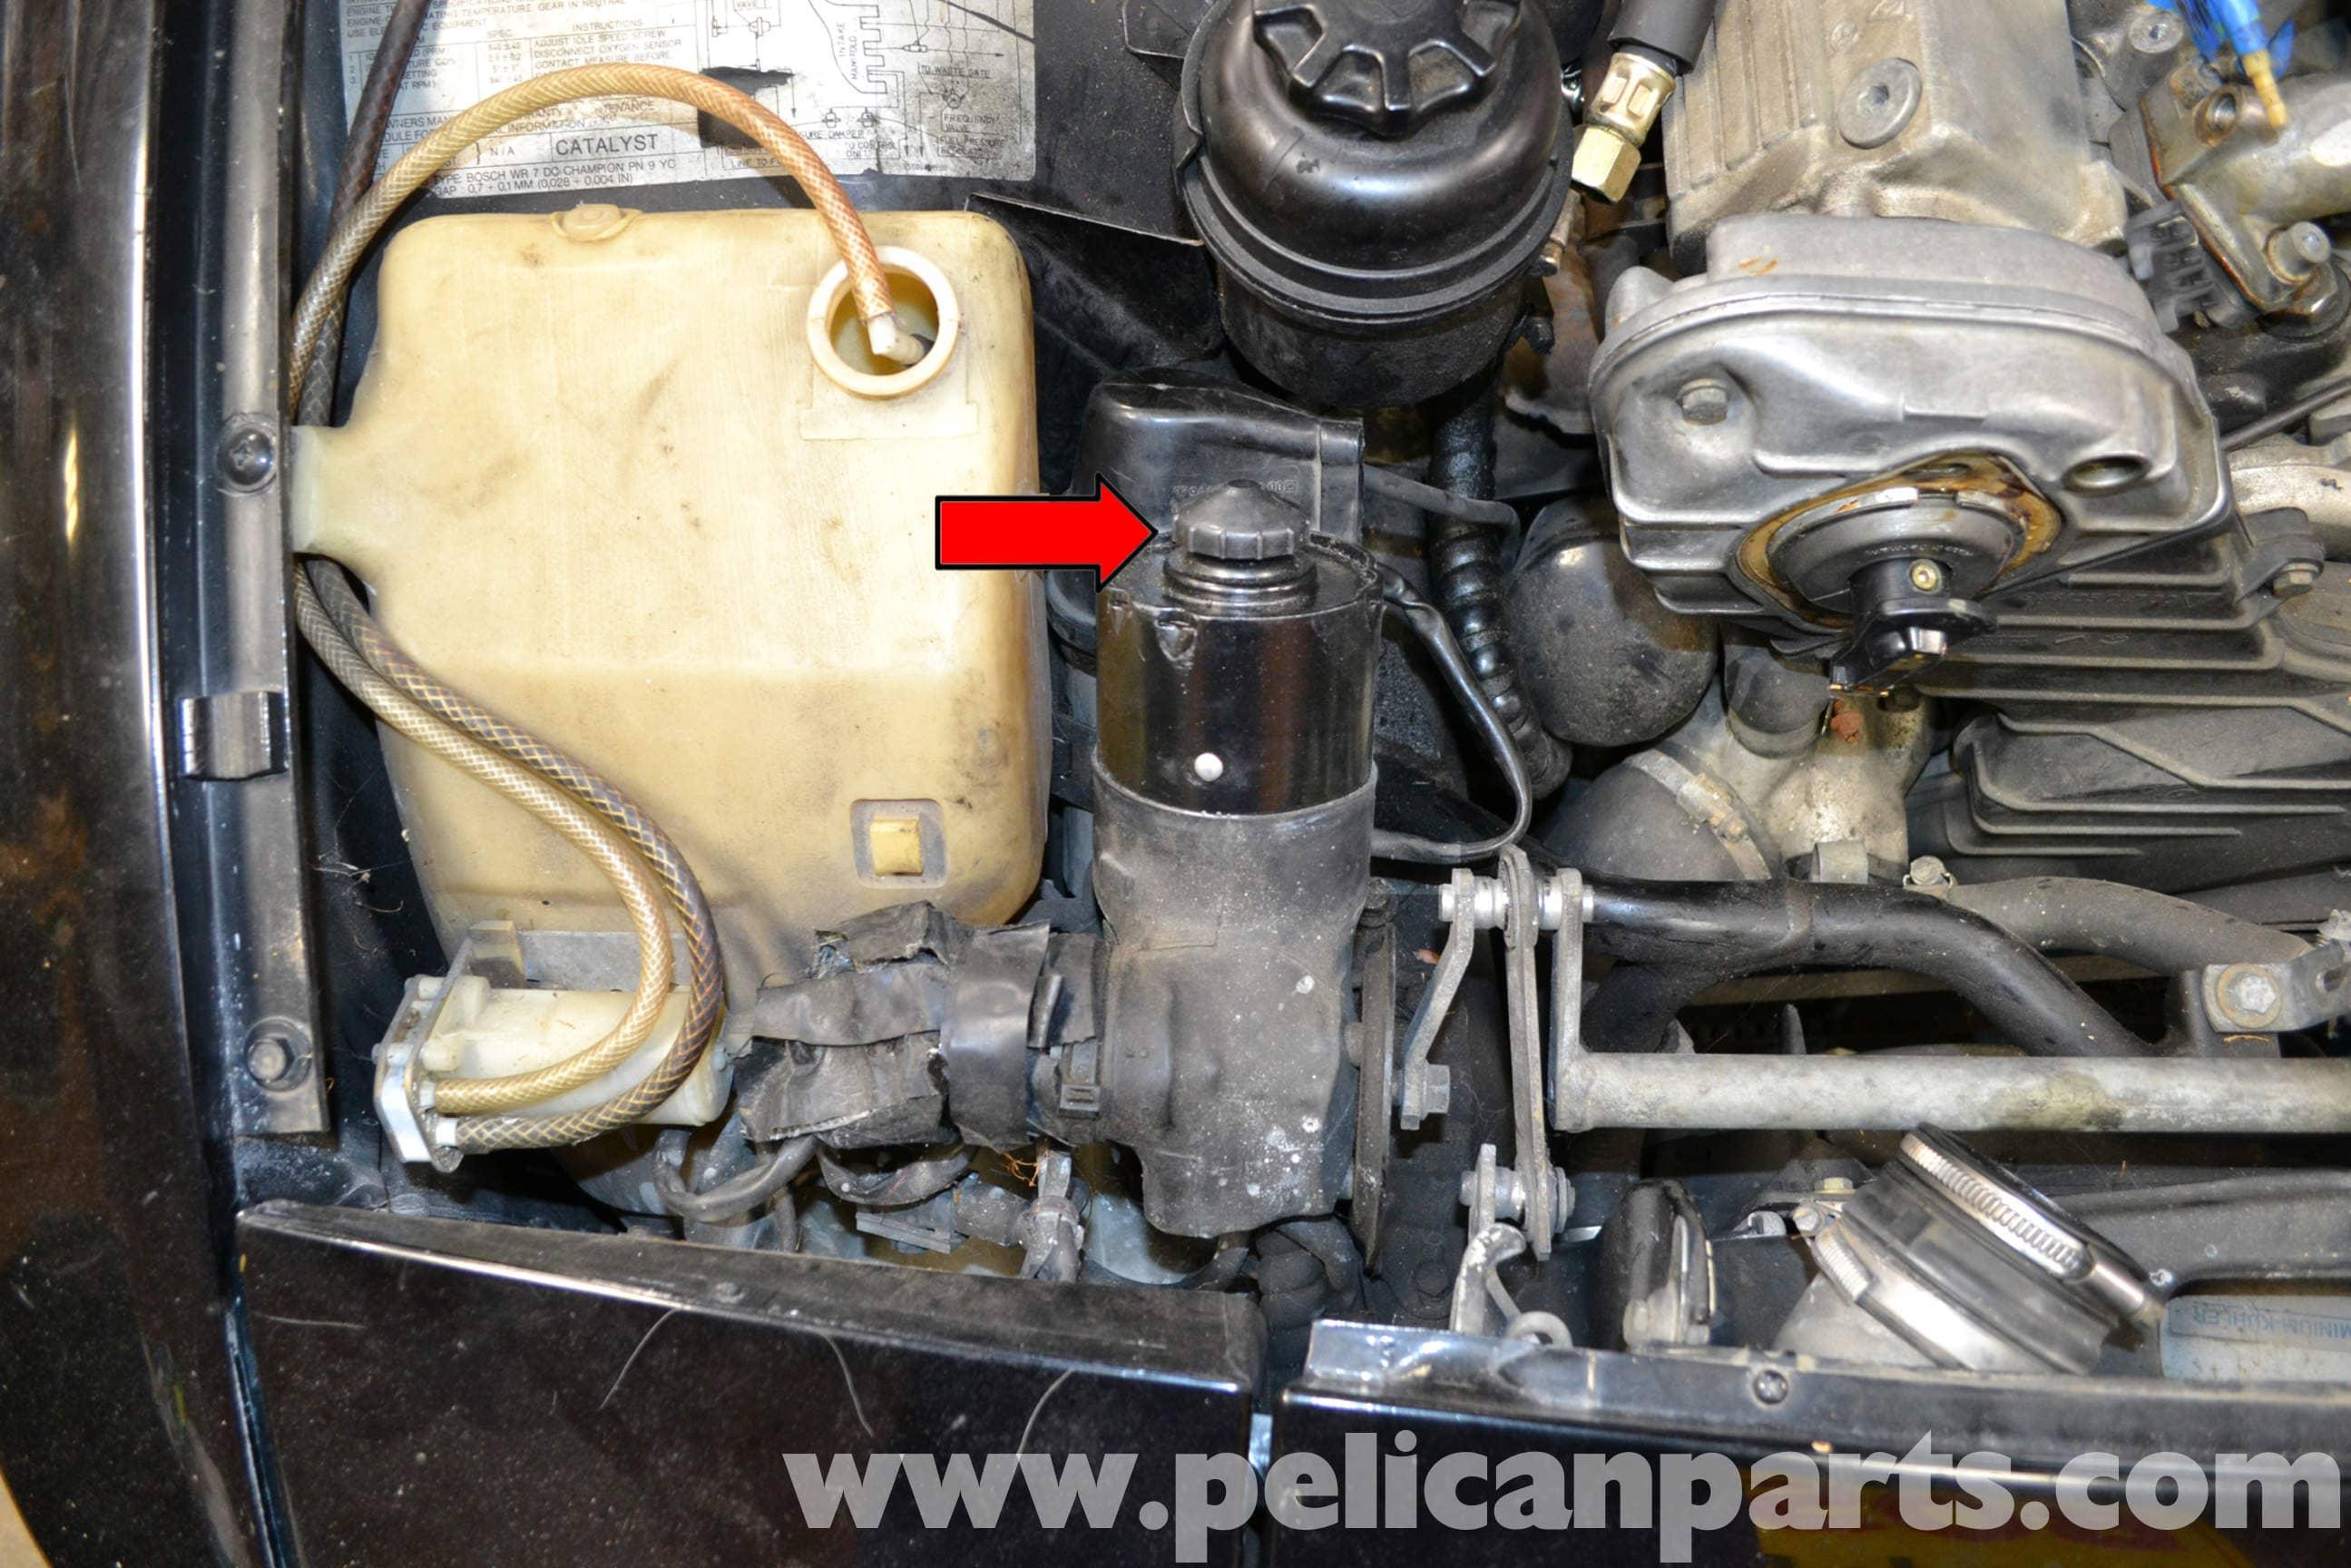 porsche 944 turbo windshield washer reservoir replacement 1986 1991 rh pelicanparts com 1984 porsche 944 service manual pdf 1984 porsche 944 service manual